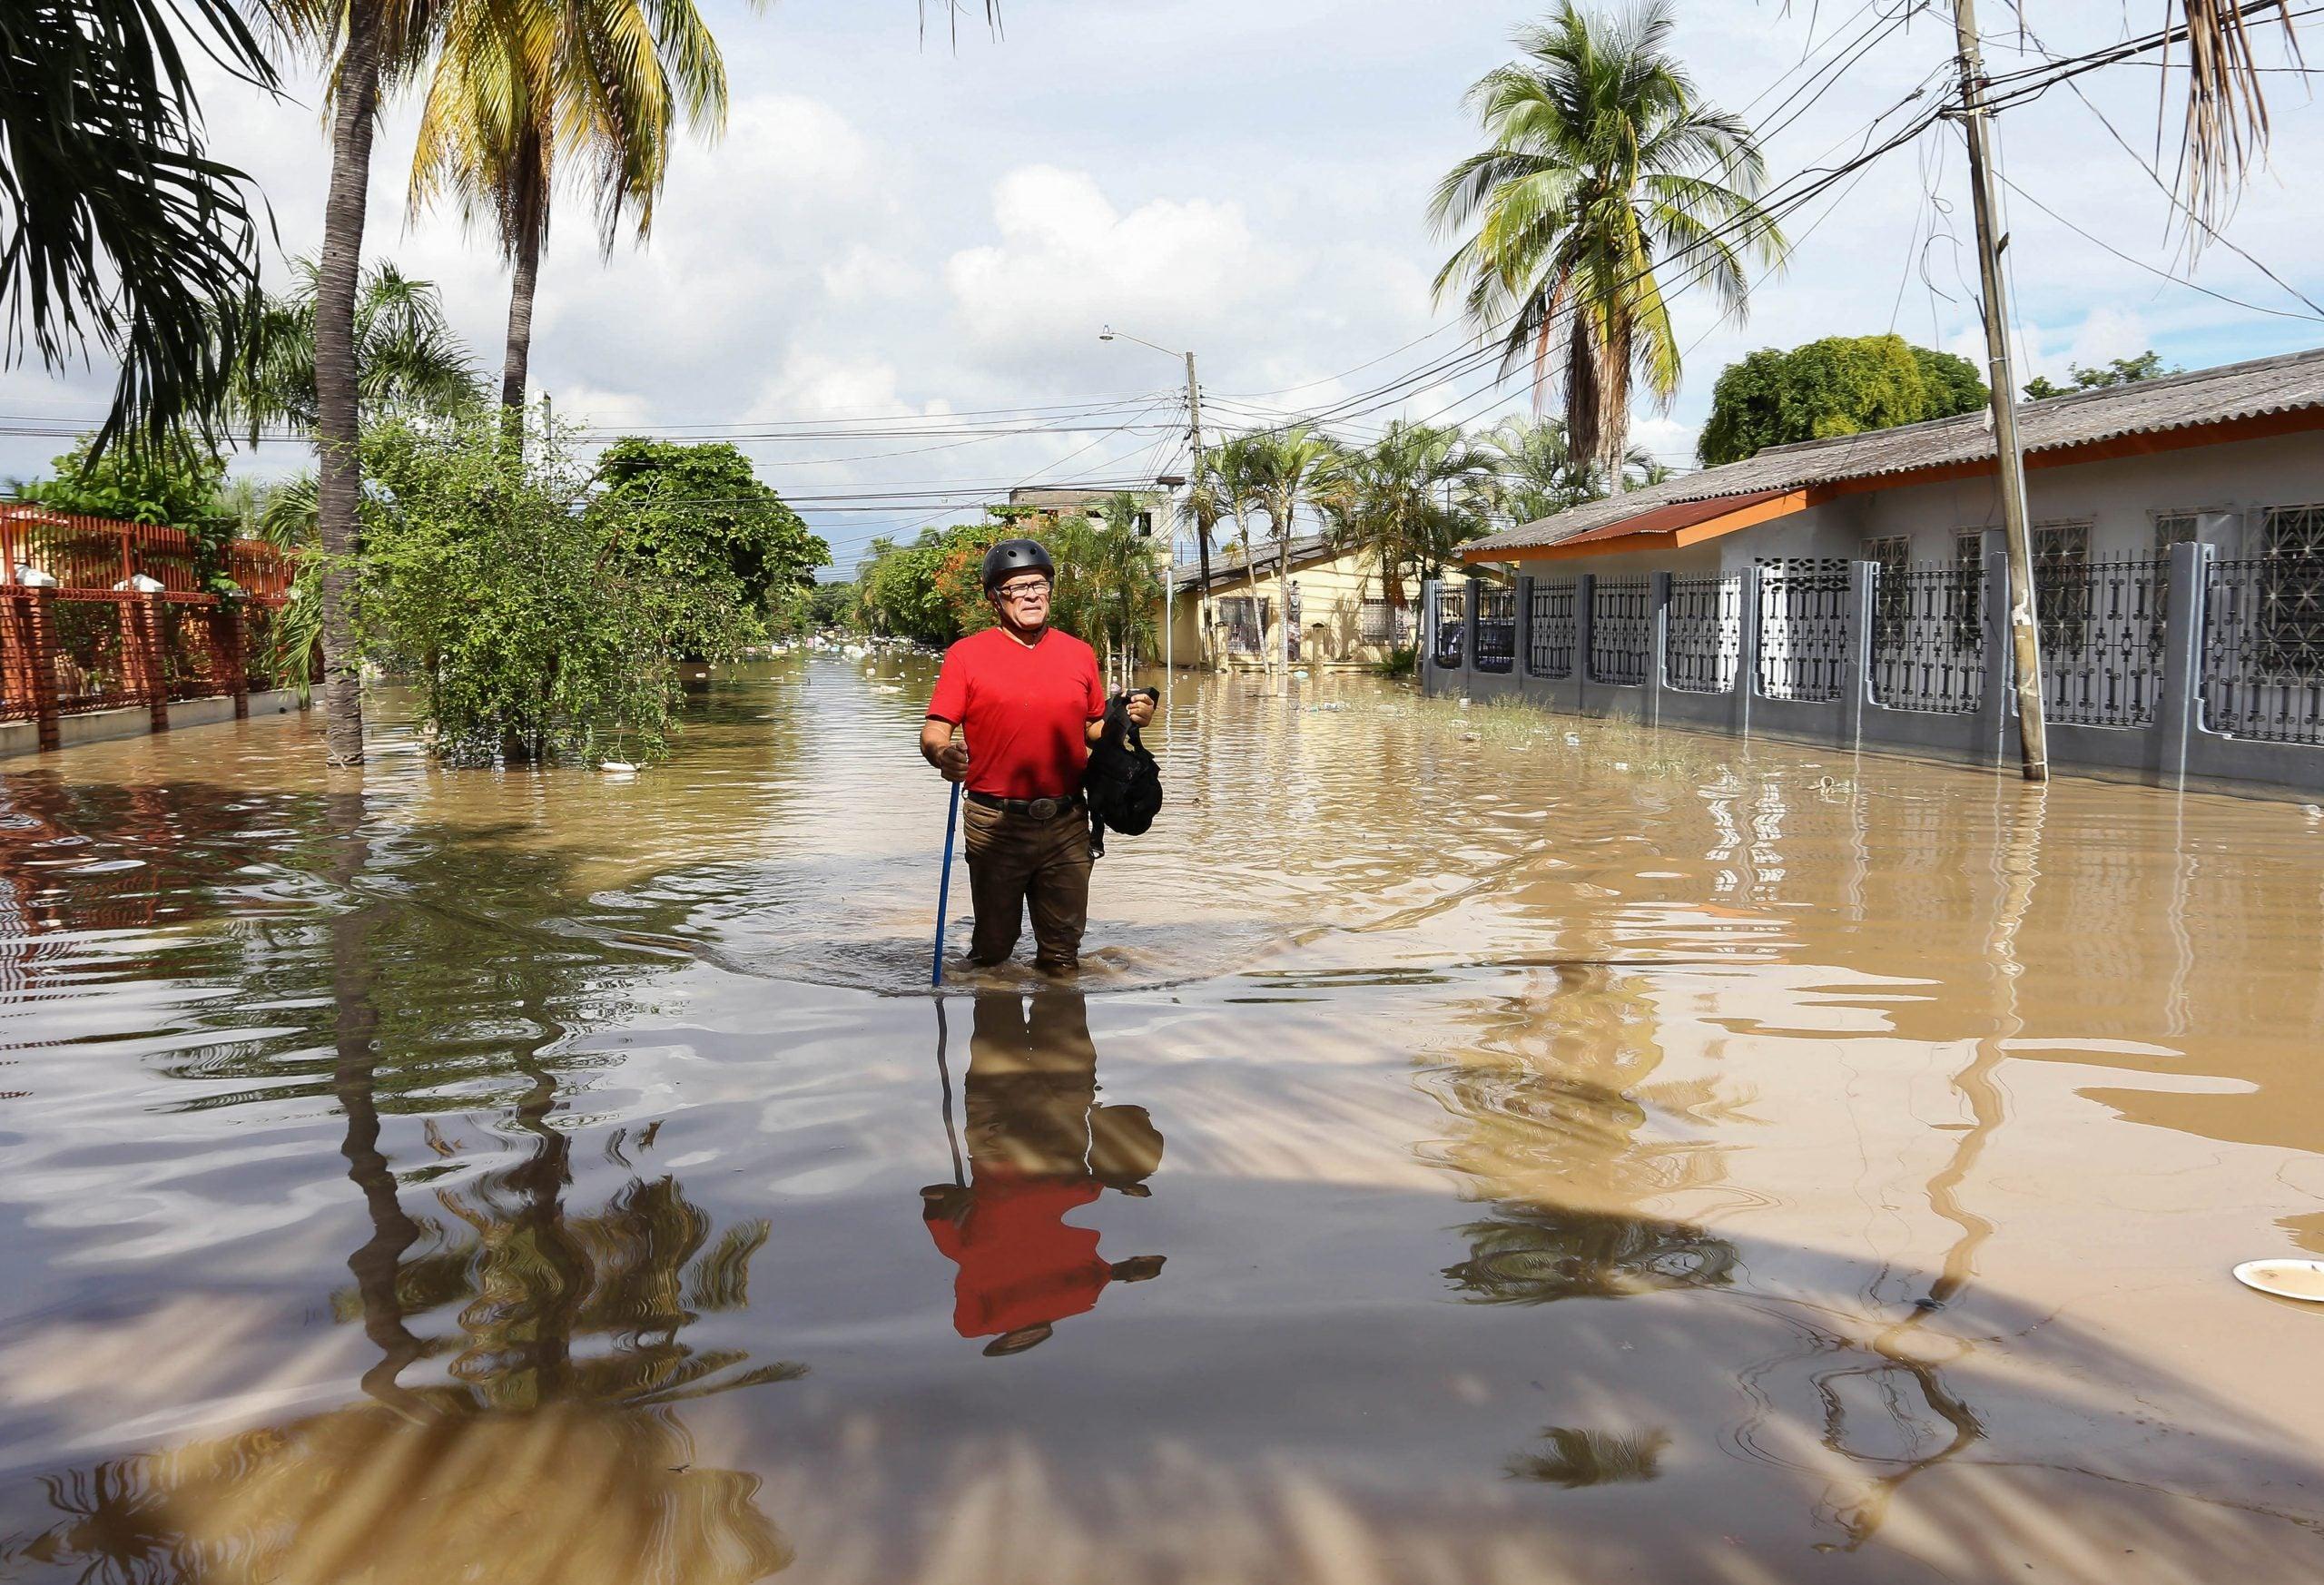 En noviembre de 2020, Honduras fue devastada por Eta e Iota. El Valle de Sula, al norte del país, fue el más afectado.